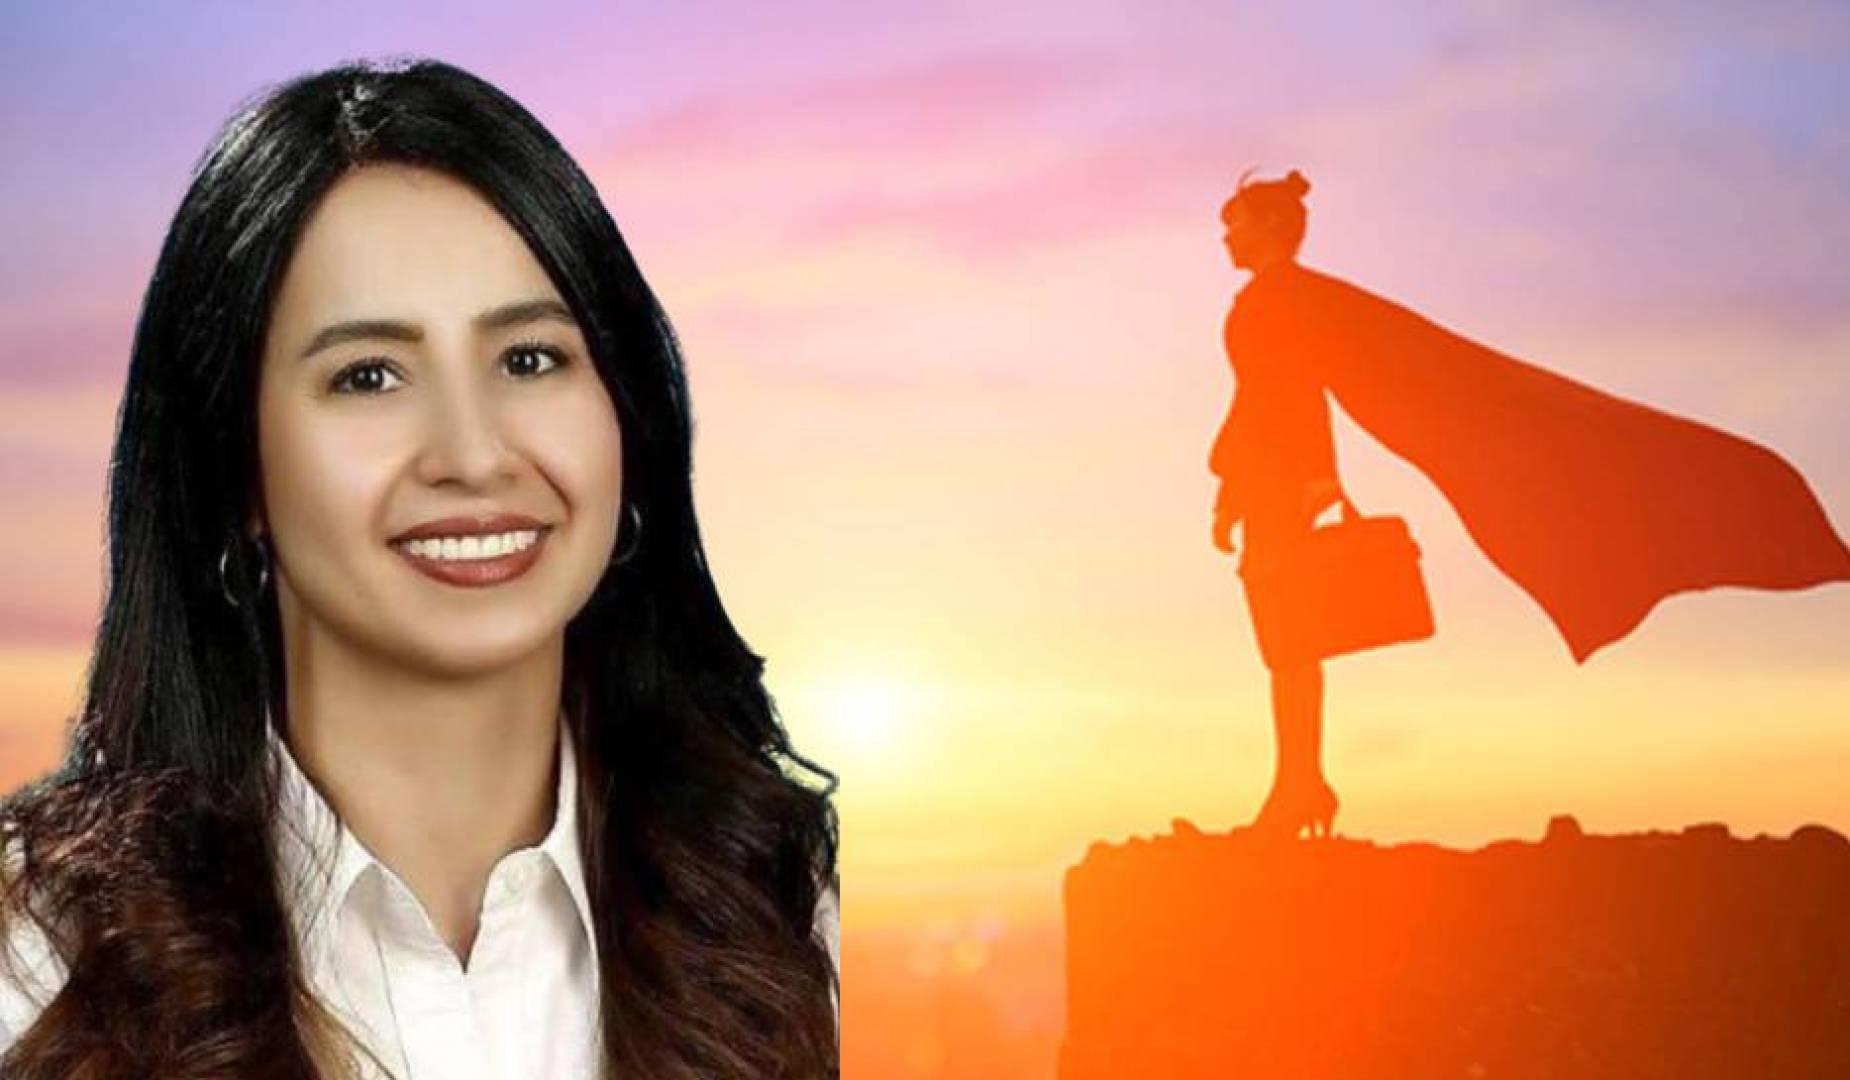 المهندسة مرام أبو دعموس.. ضمن النساء العربيات الأكثر تأثيراً